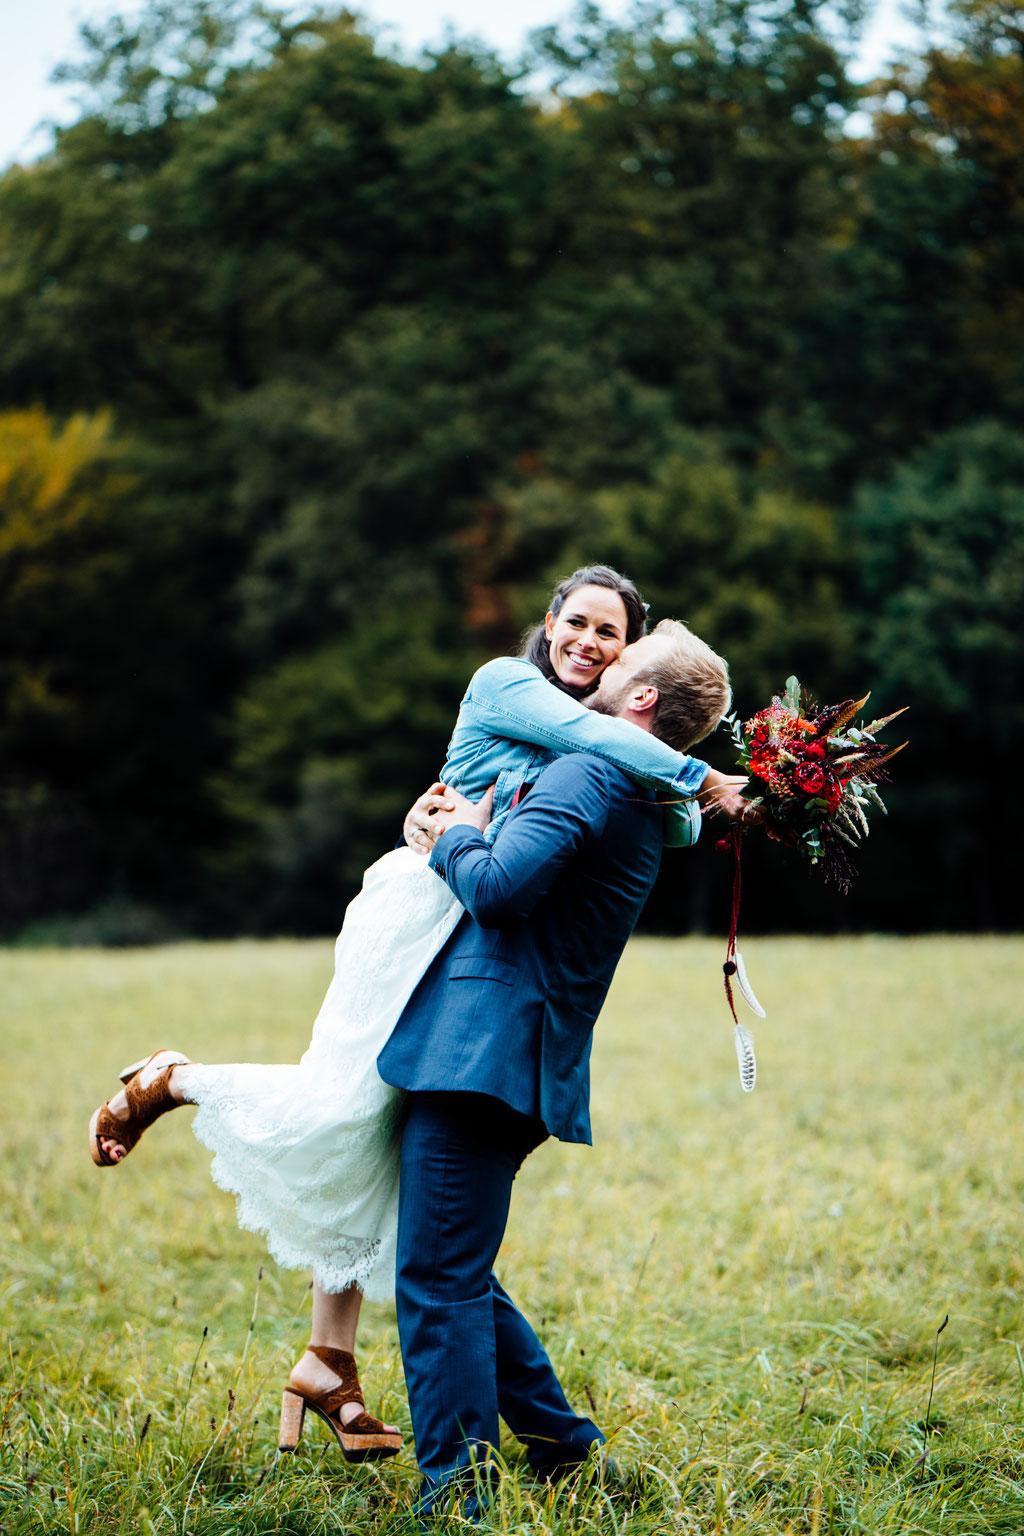 Brautpaaraufnahmen, Brautpaar, Hochzeit, Freie Trauung, Hubertushütte, Lentschik, Hochzeitsfotografin Rheingau, Wiesbaden